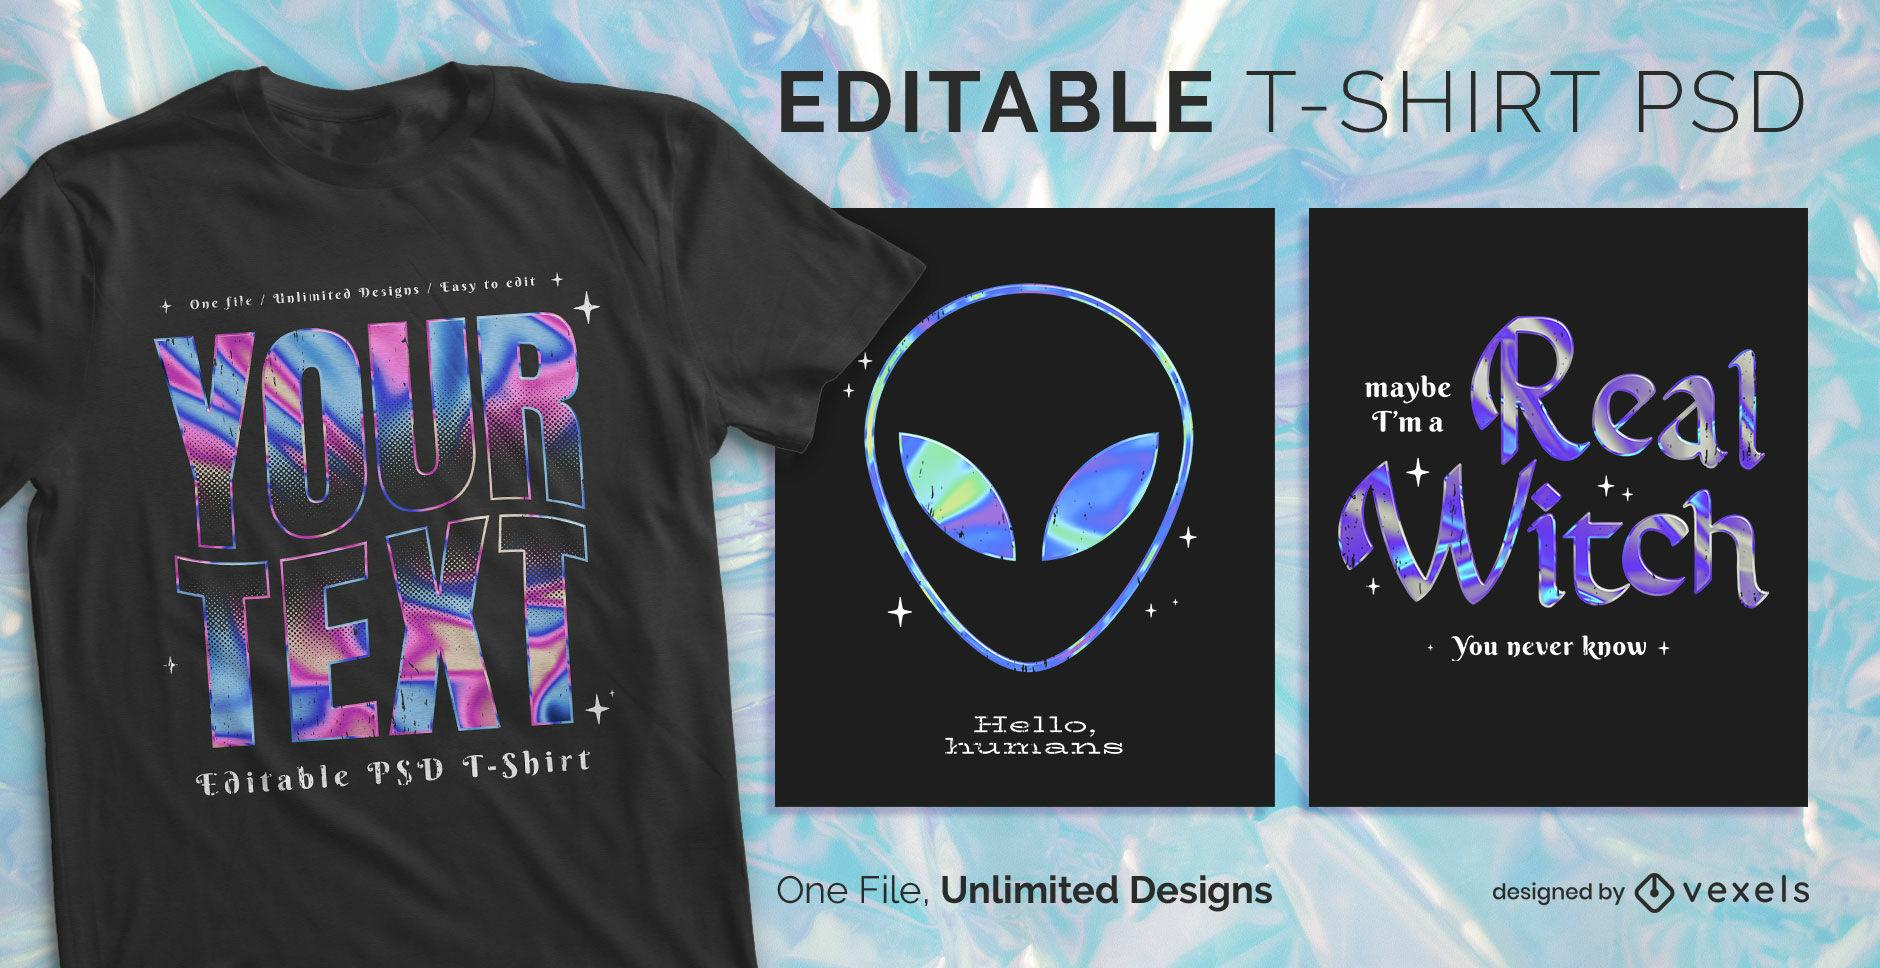 Dise?o de camiseta psd escalable con texto hologr?fico.